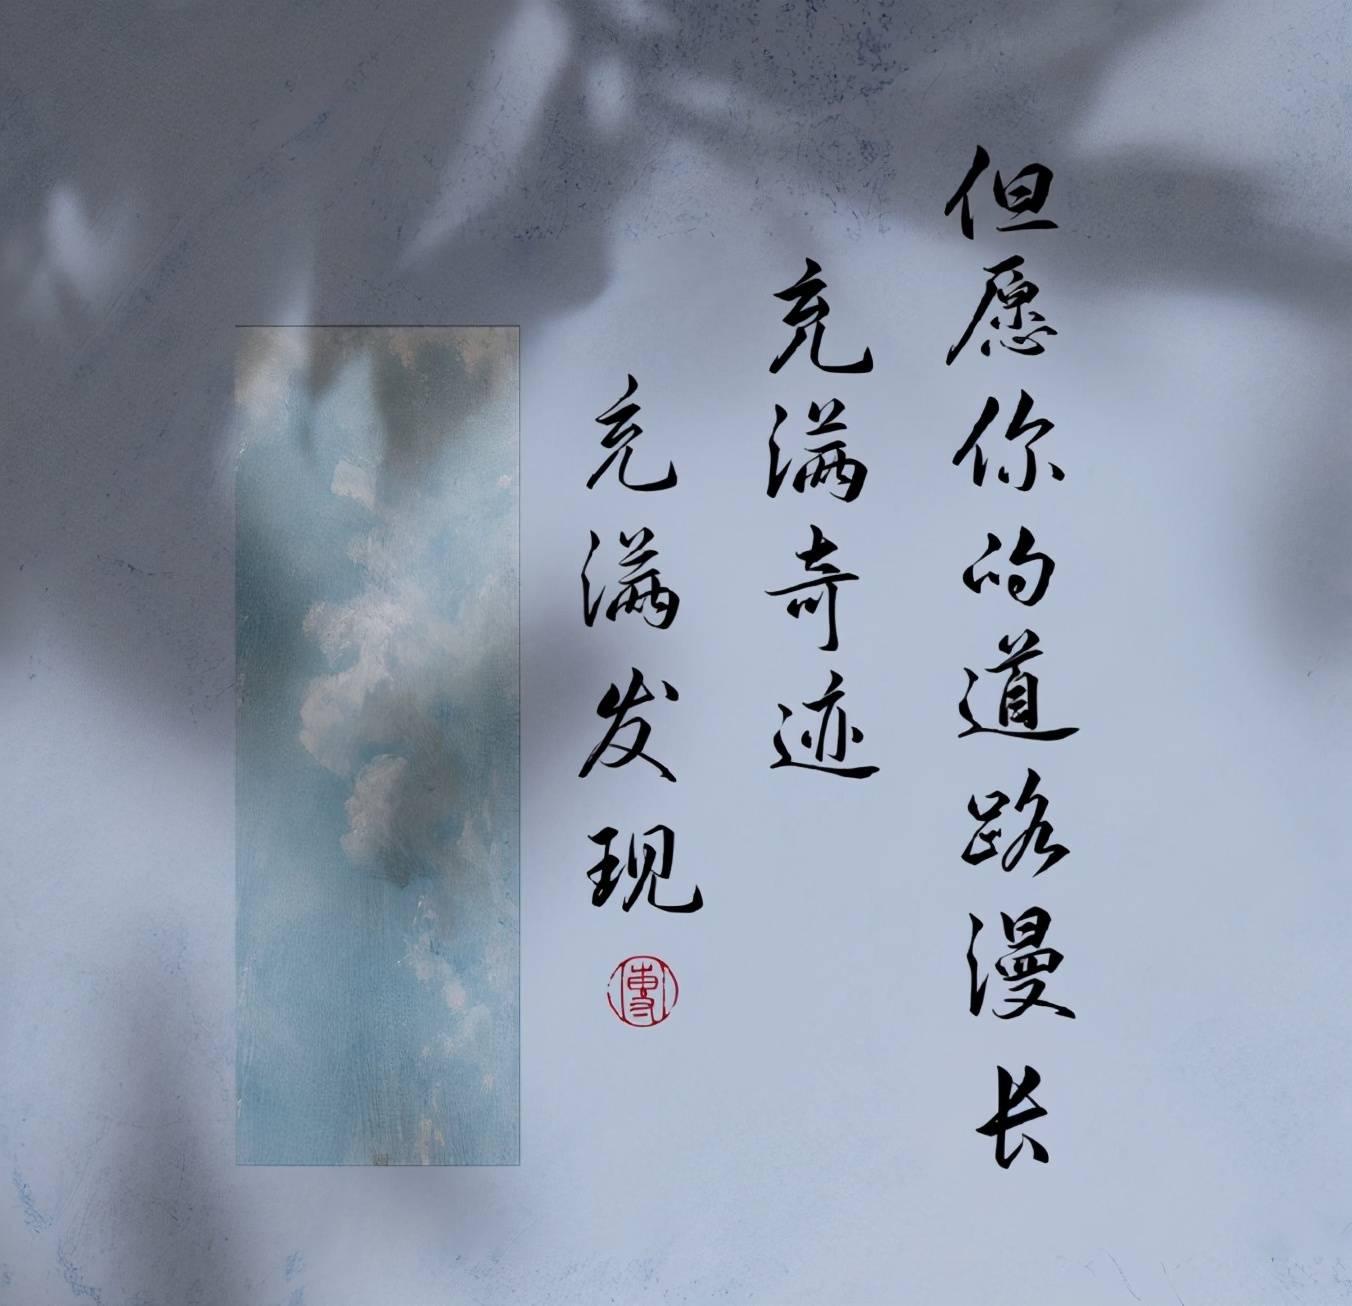 如此江山\x20依旧风月txt 如此江山 如此风月